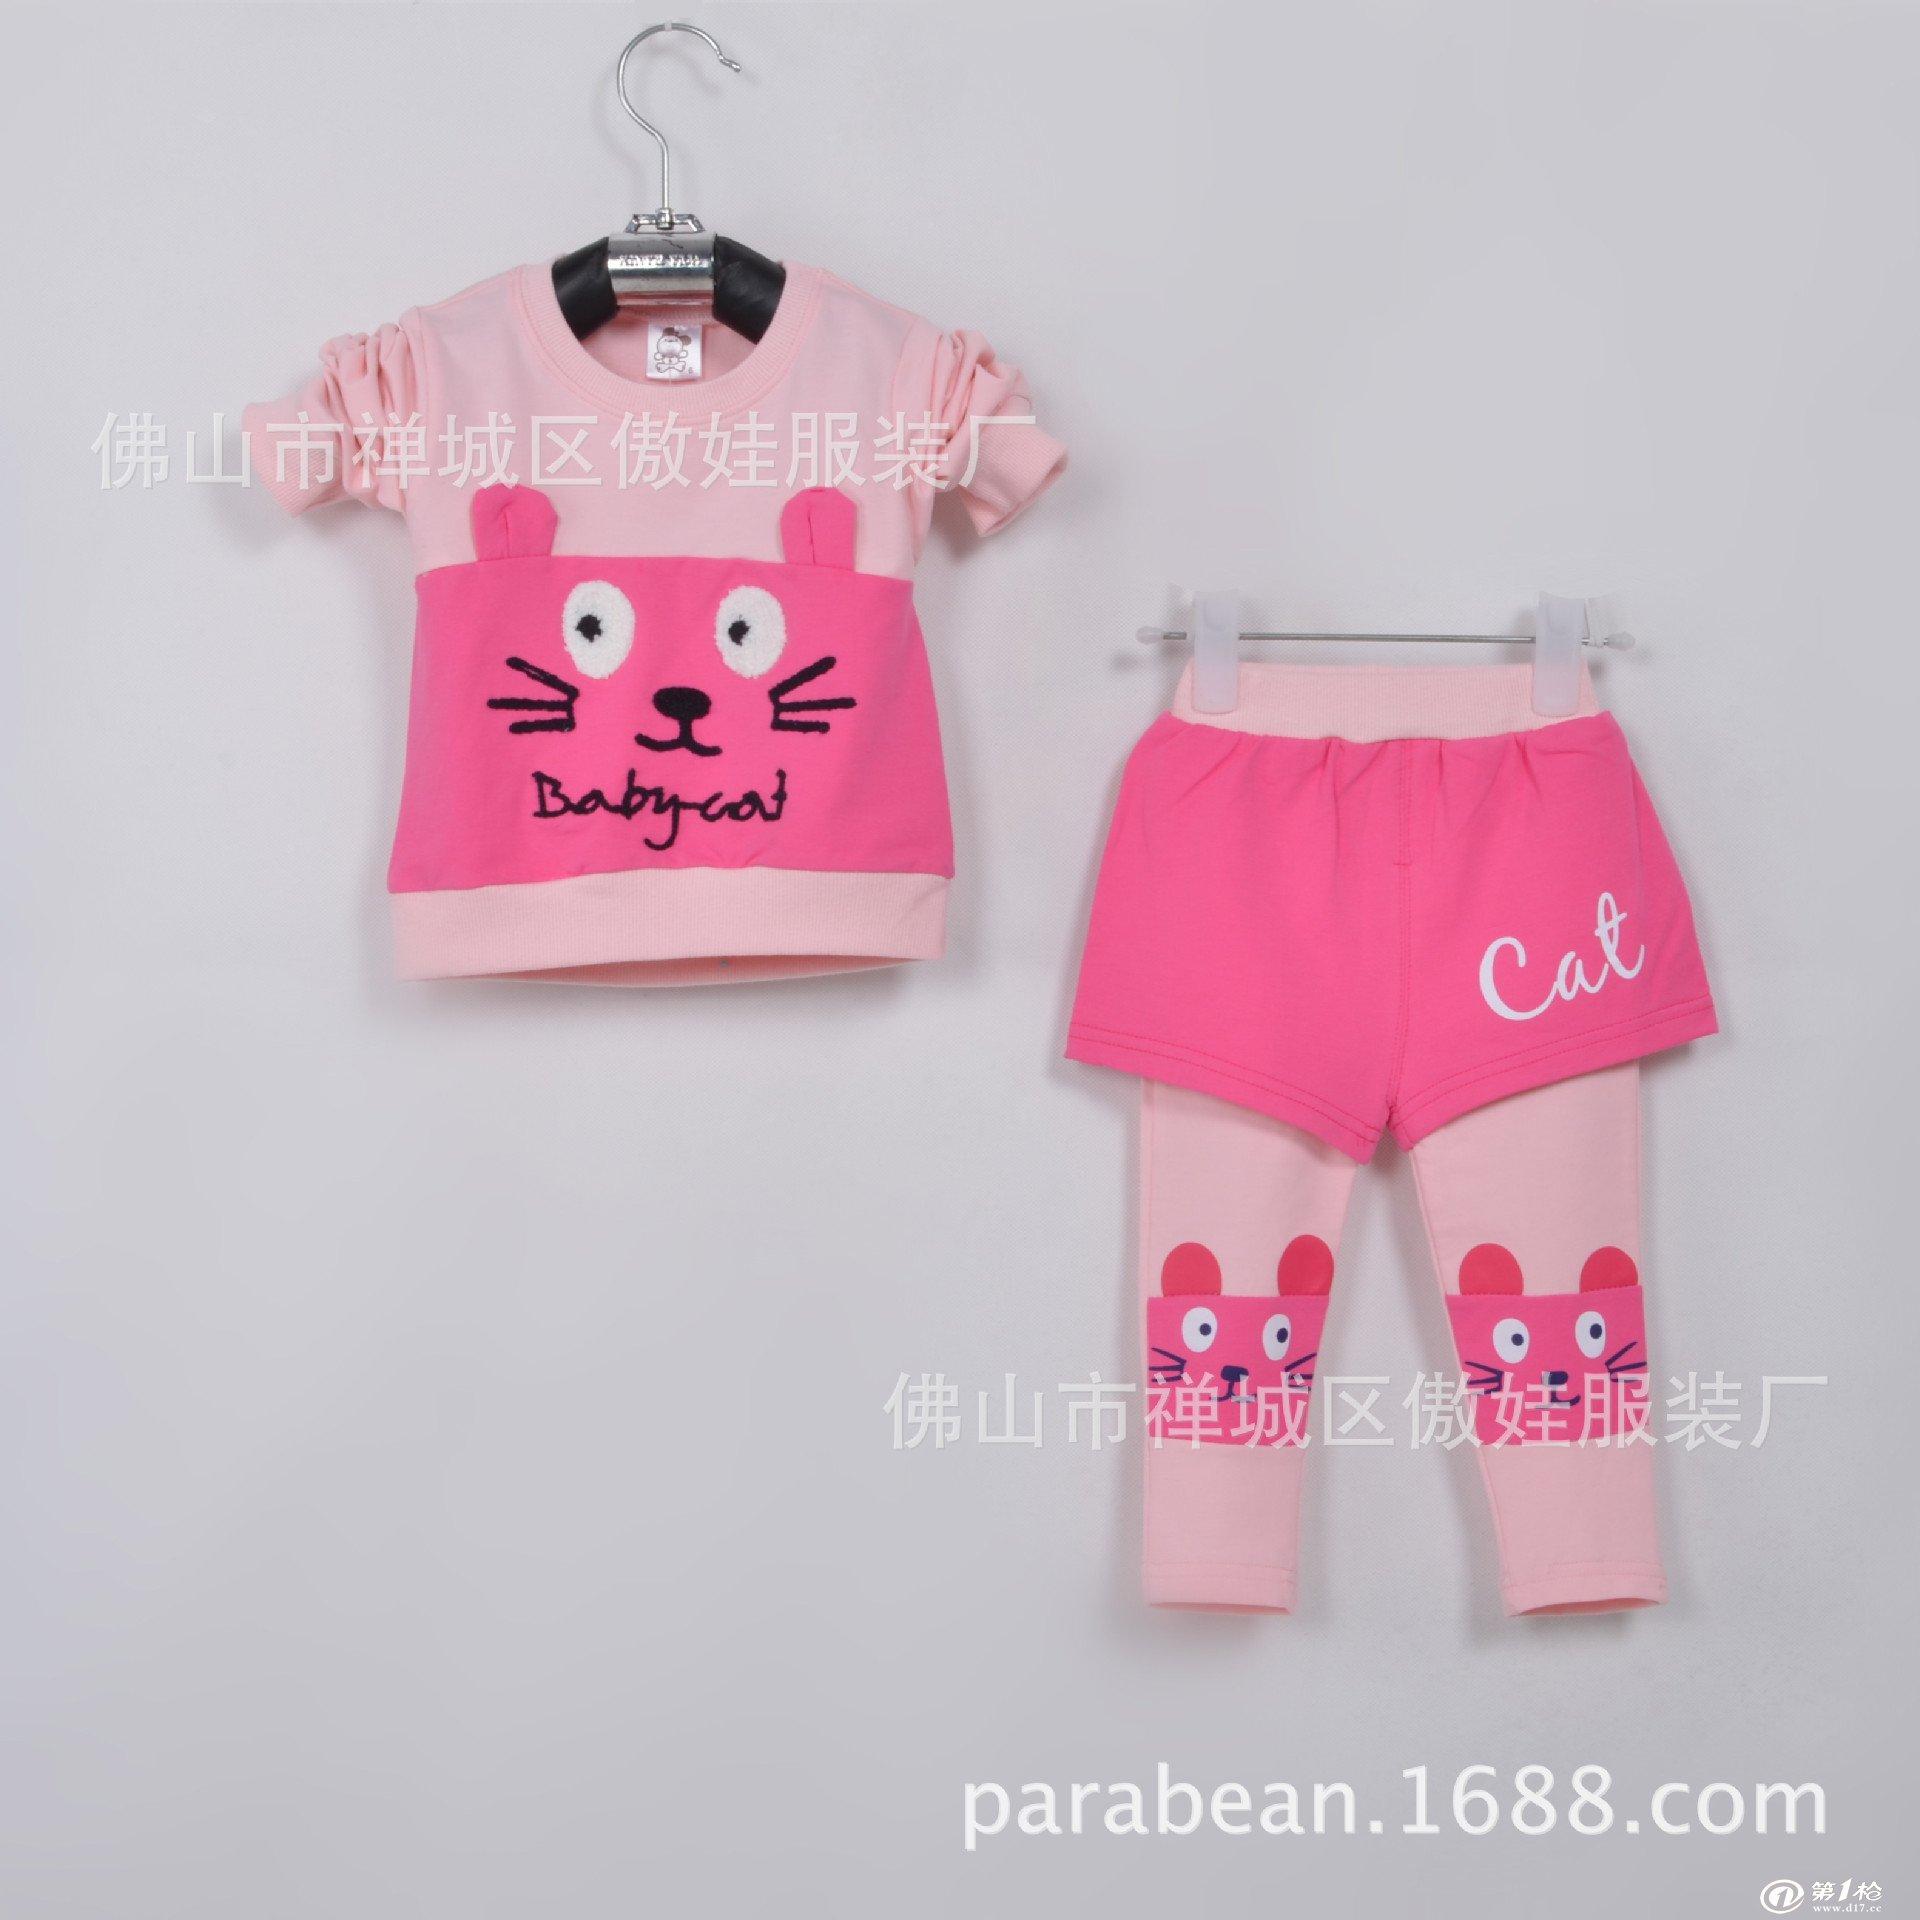 【淘工厂-贴牌加工】韩版可爱童装 两件套 三件套